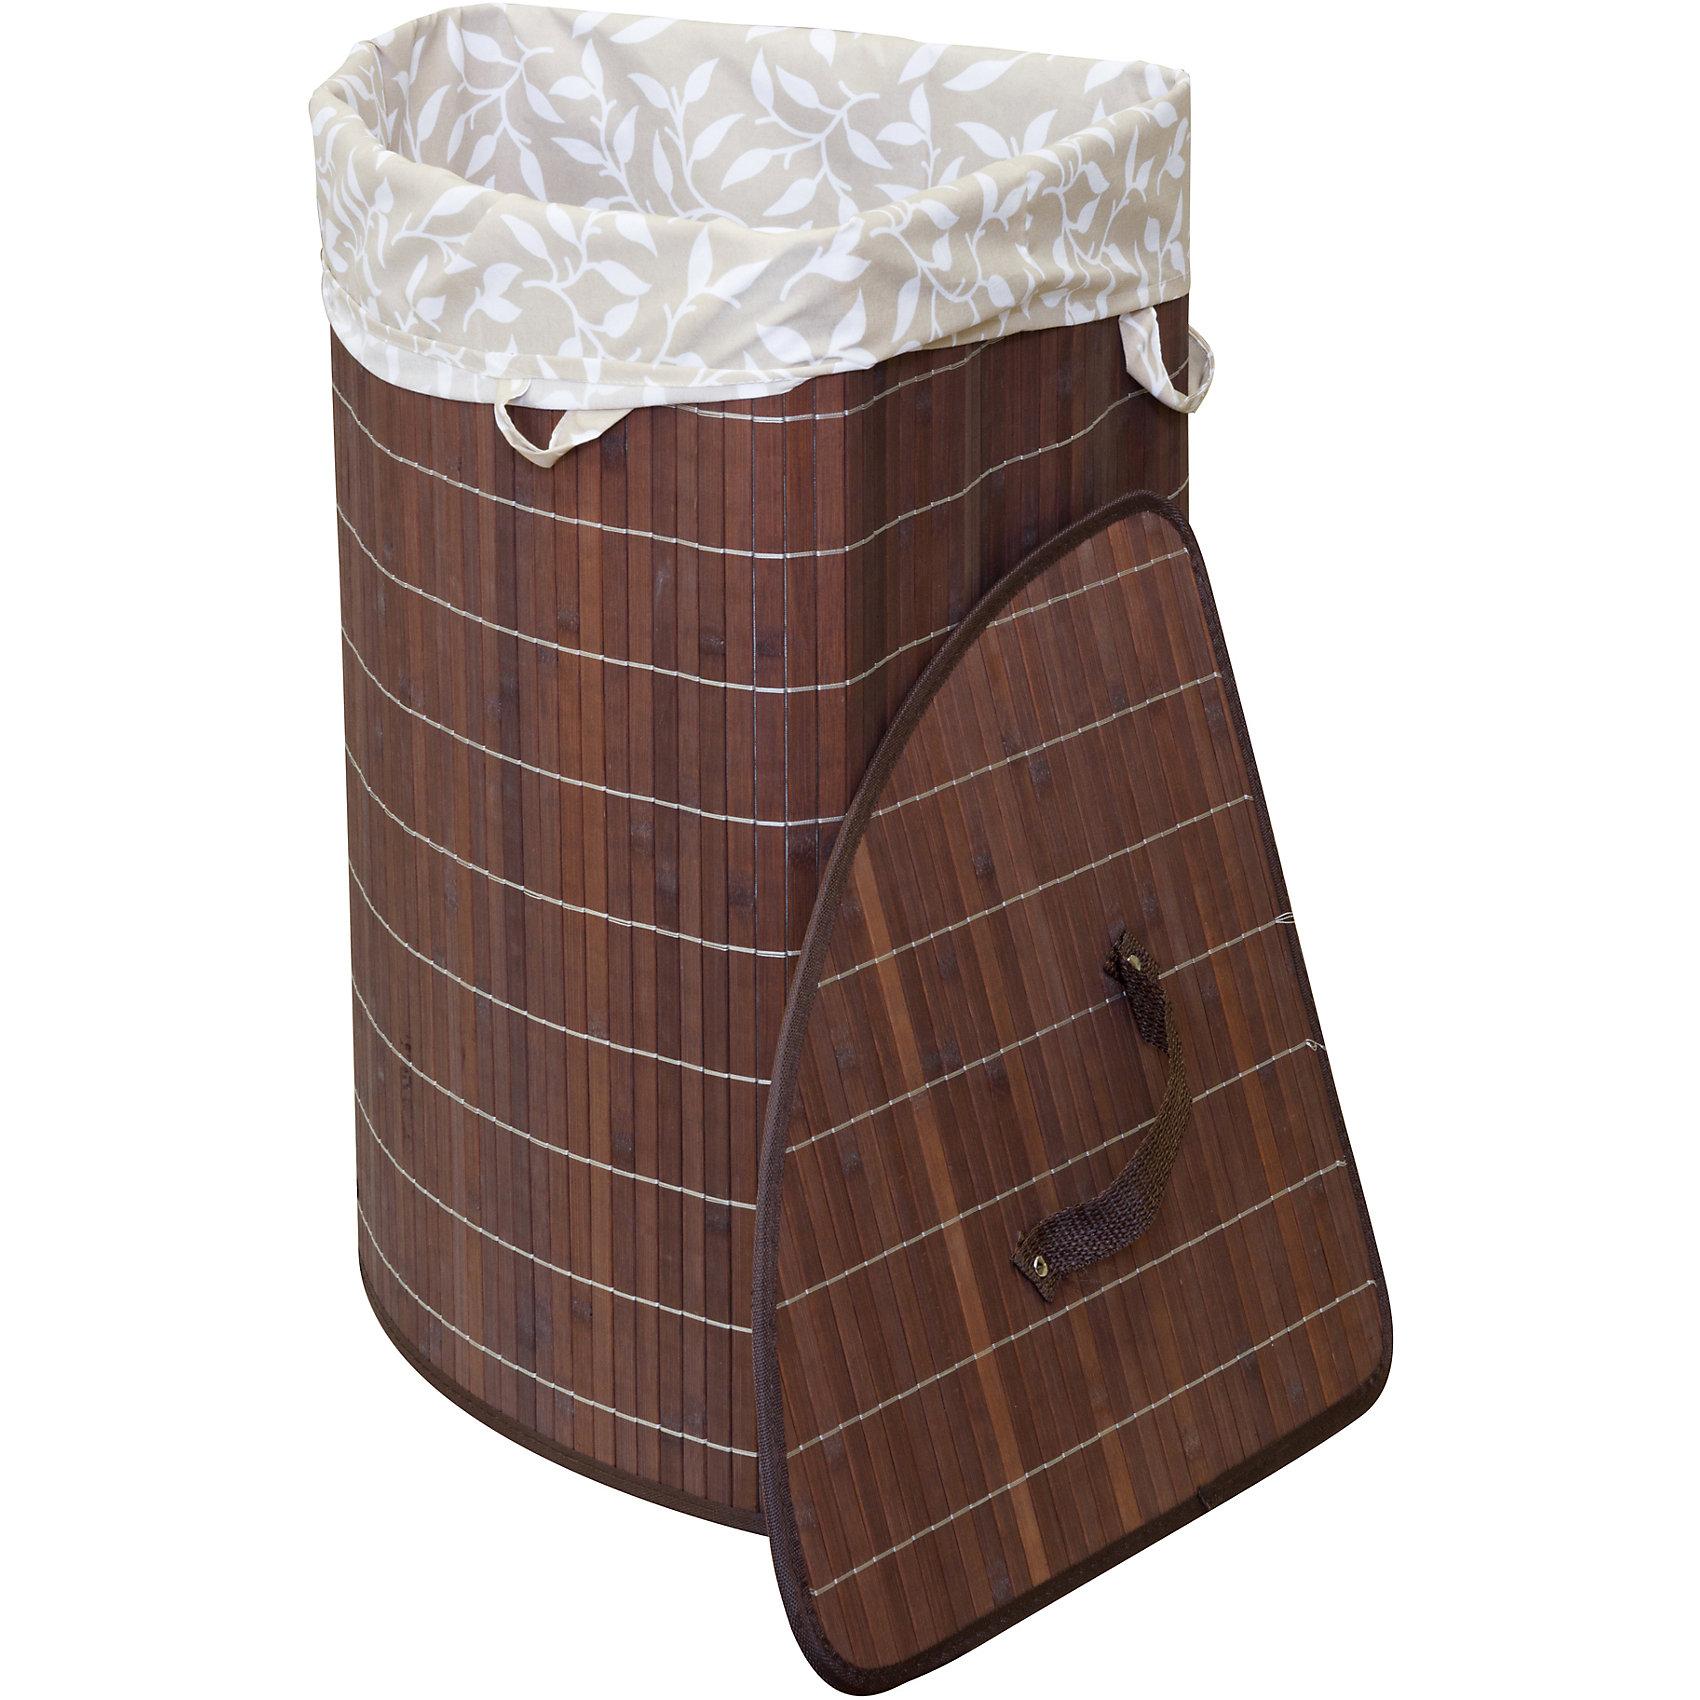 Корзина для белья BLB-07-D, бамбук, Рыжий котКорзины для белья<br>Корзина для белья BLB-07-D, бамбук, Рыжий кот<br><br>Характеристики:<br><br>• изготовлена из натуральных материалов<br>• стальной каркас<br>• легко складывается и раскладывается<br>• обработана антисептиком<br>• объем: 48 л<br>• размер: 35х35х50 см<br>• материал: бамбук, поликоттон, металл, нейлон<br>• размер упаковки: 3х50х398 см<br>• вес: 1304 грамма<br><br>Корзина BLB-07-D поможет вам поддерживать порядок в доме. Отделение корзины достаточно вместительное для хранения белья. Крышка поможет скрыть содержимое корзины при необходимости. Изделие выполнено из натурального бамбука и обработано антисептиком. Корзина легко раскладывается и складывается, позволяя вам экономить свободное пространство в доме. Стильный дизайн в коричневую клетку станет прекрасным украшением любого помещения.<br><br>Корзину для белья BLB-07-D, бамбук, Рыжий кот вы можете купить в нашем интернет-магазине.<br><br>Ширина мм: 500<br>Глубина мм: 390<br>Высота мм: 40<br>Вес г: 1304<br>Возраст от месяцев: 216<br>Возраст до месяцев: 1188<br>Пол: Унисекс<br>Возраст: Детский<br>SKU: 5622867